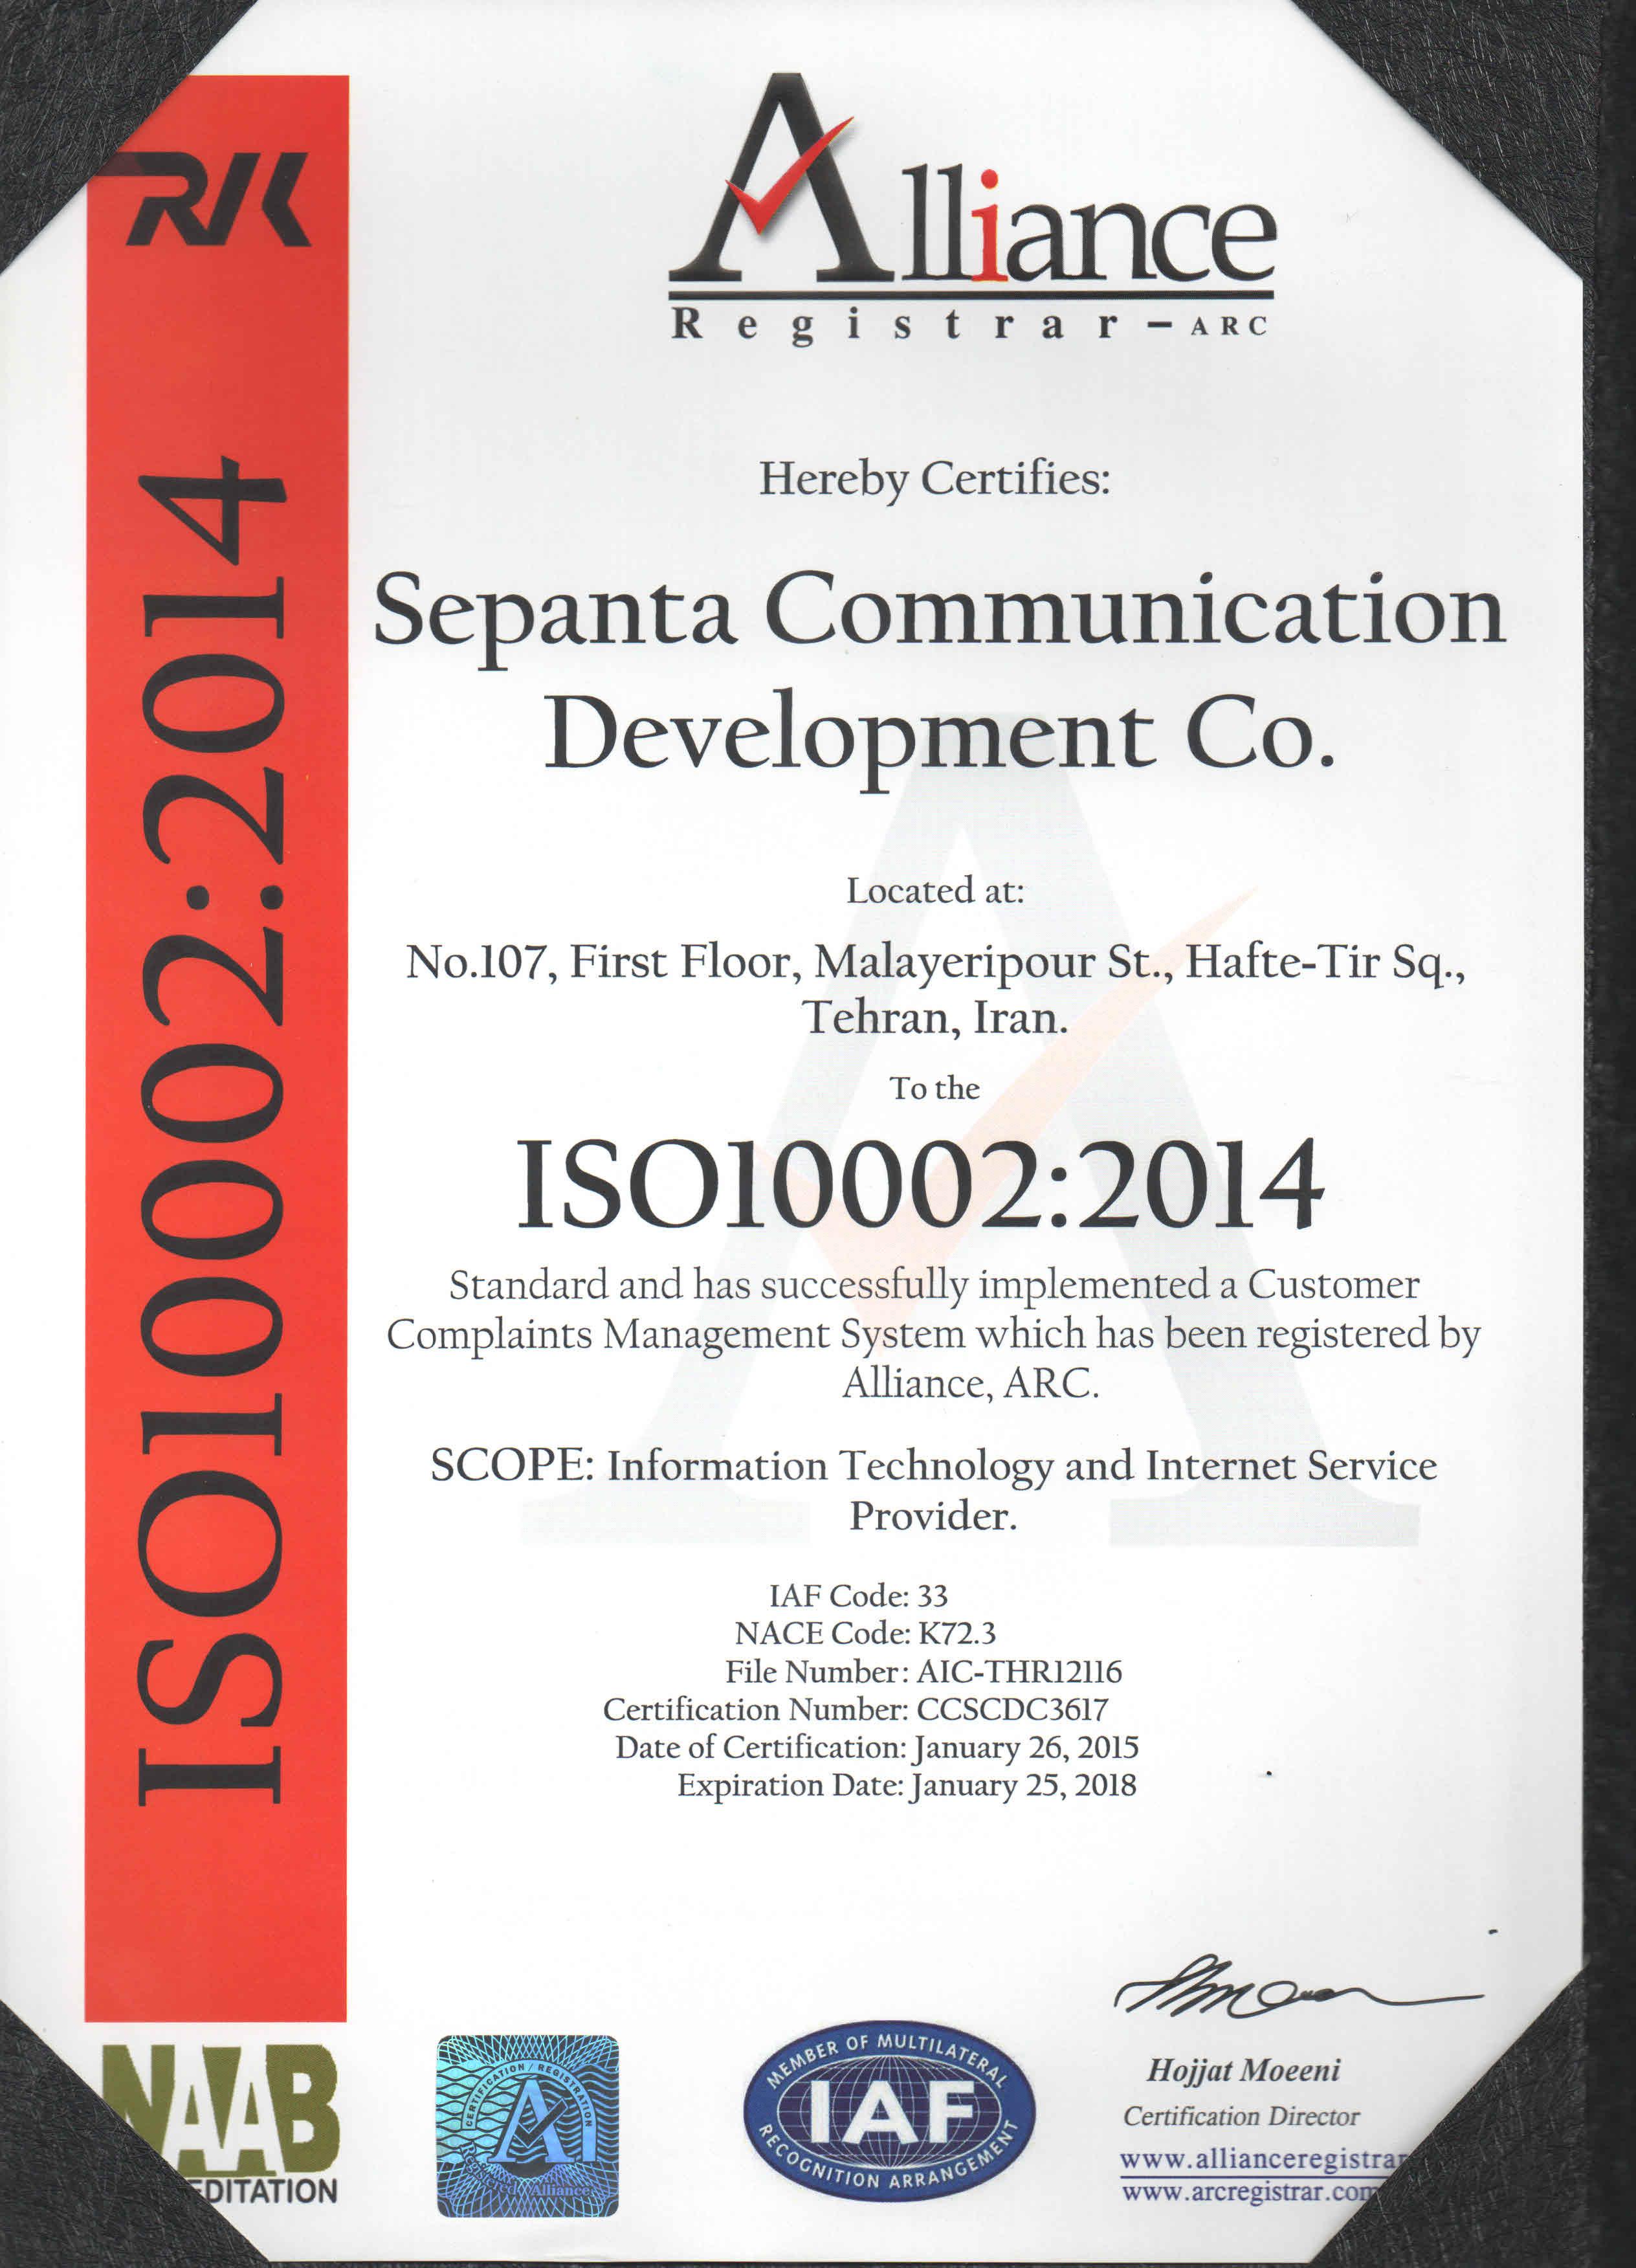 گواهی نامه ISO10002:2014 از شرکت Alliance